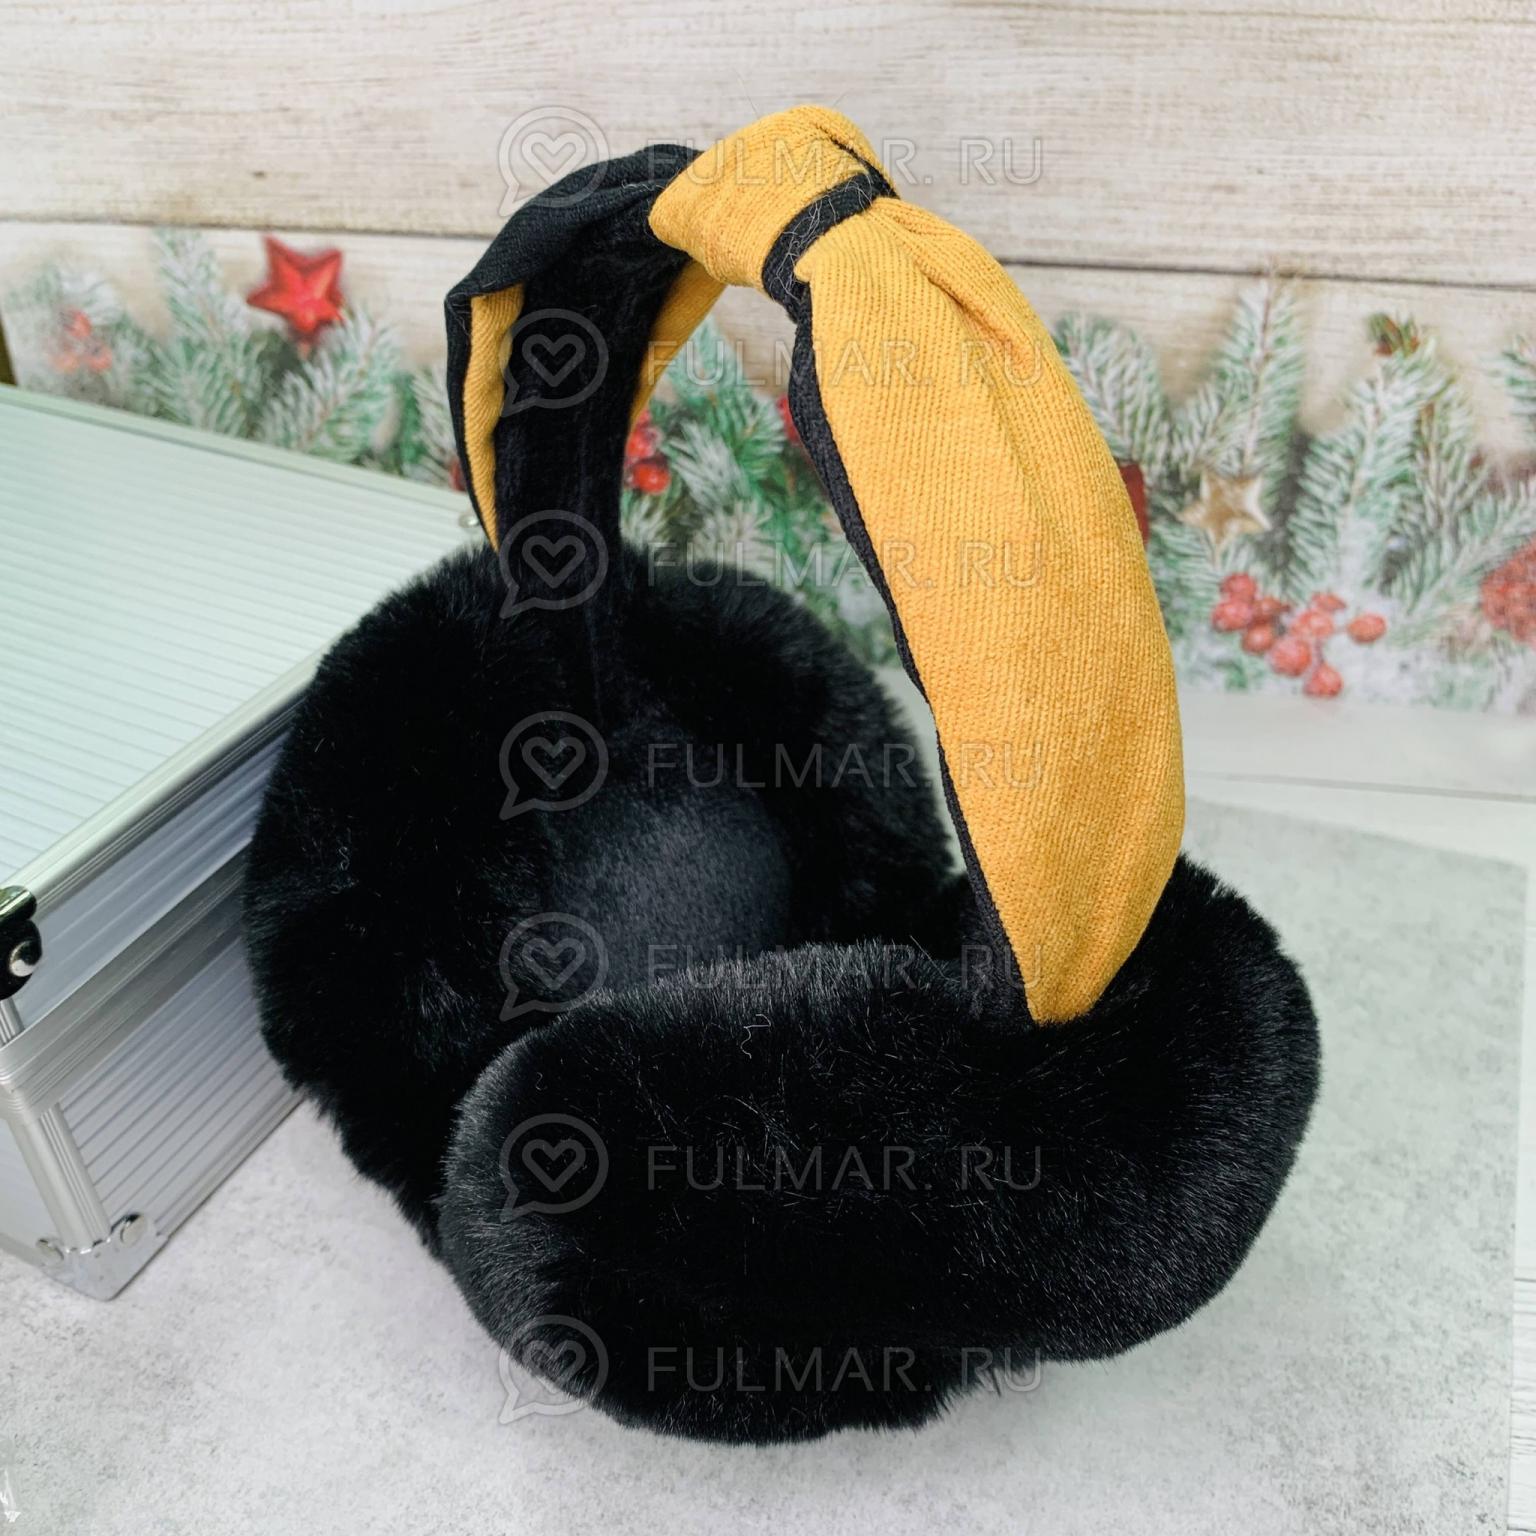 Наушники утеплённые складные с ободком-узлом цвет: Чёрный-Корочиневый